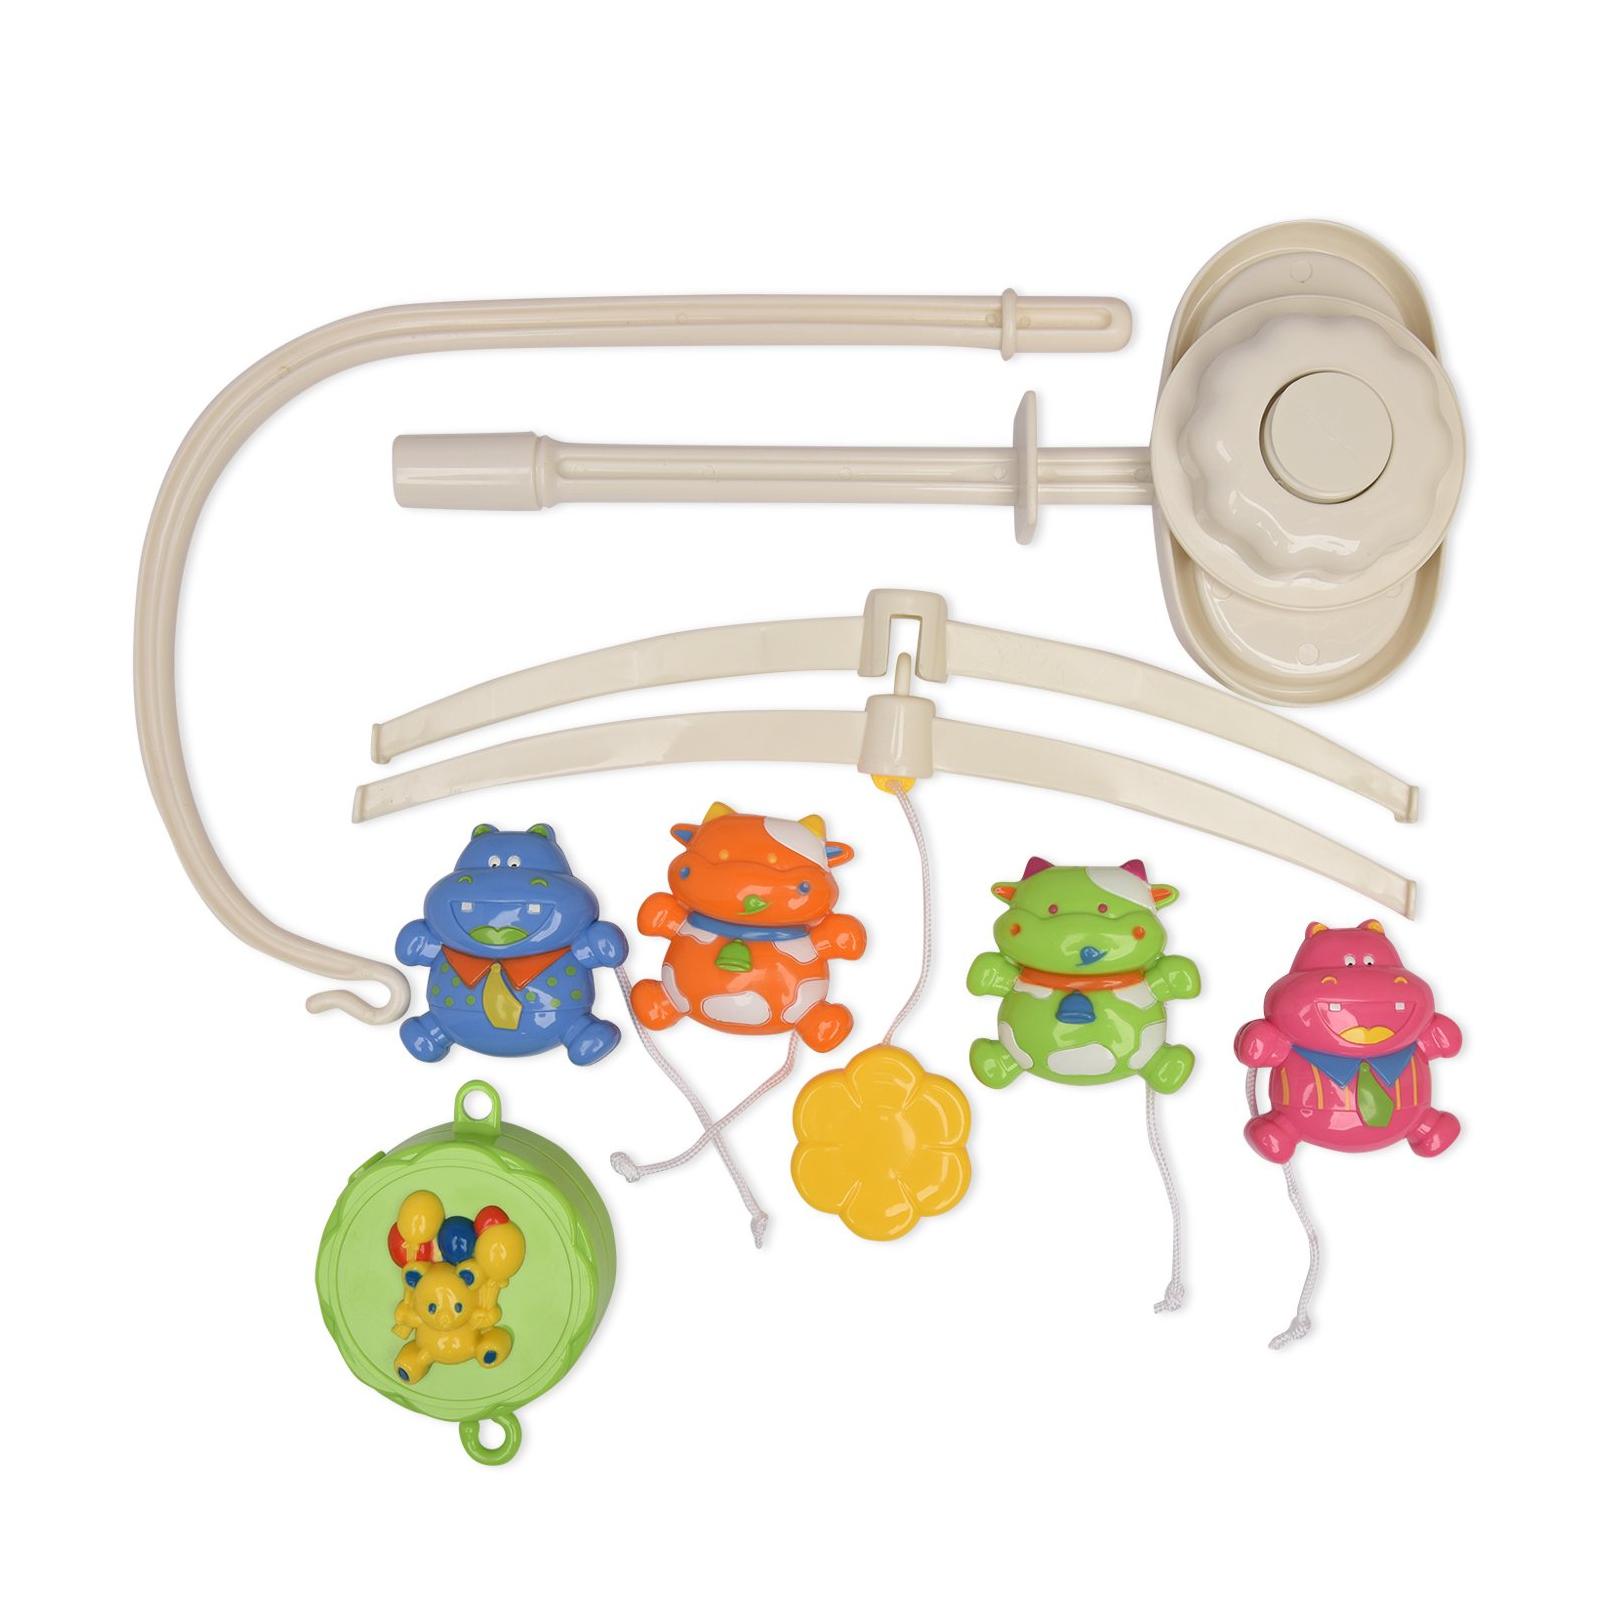 Мобиль Canpol babies Коровки и бегемотик (2/516) изображение 3